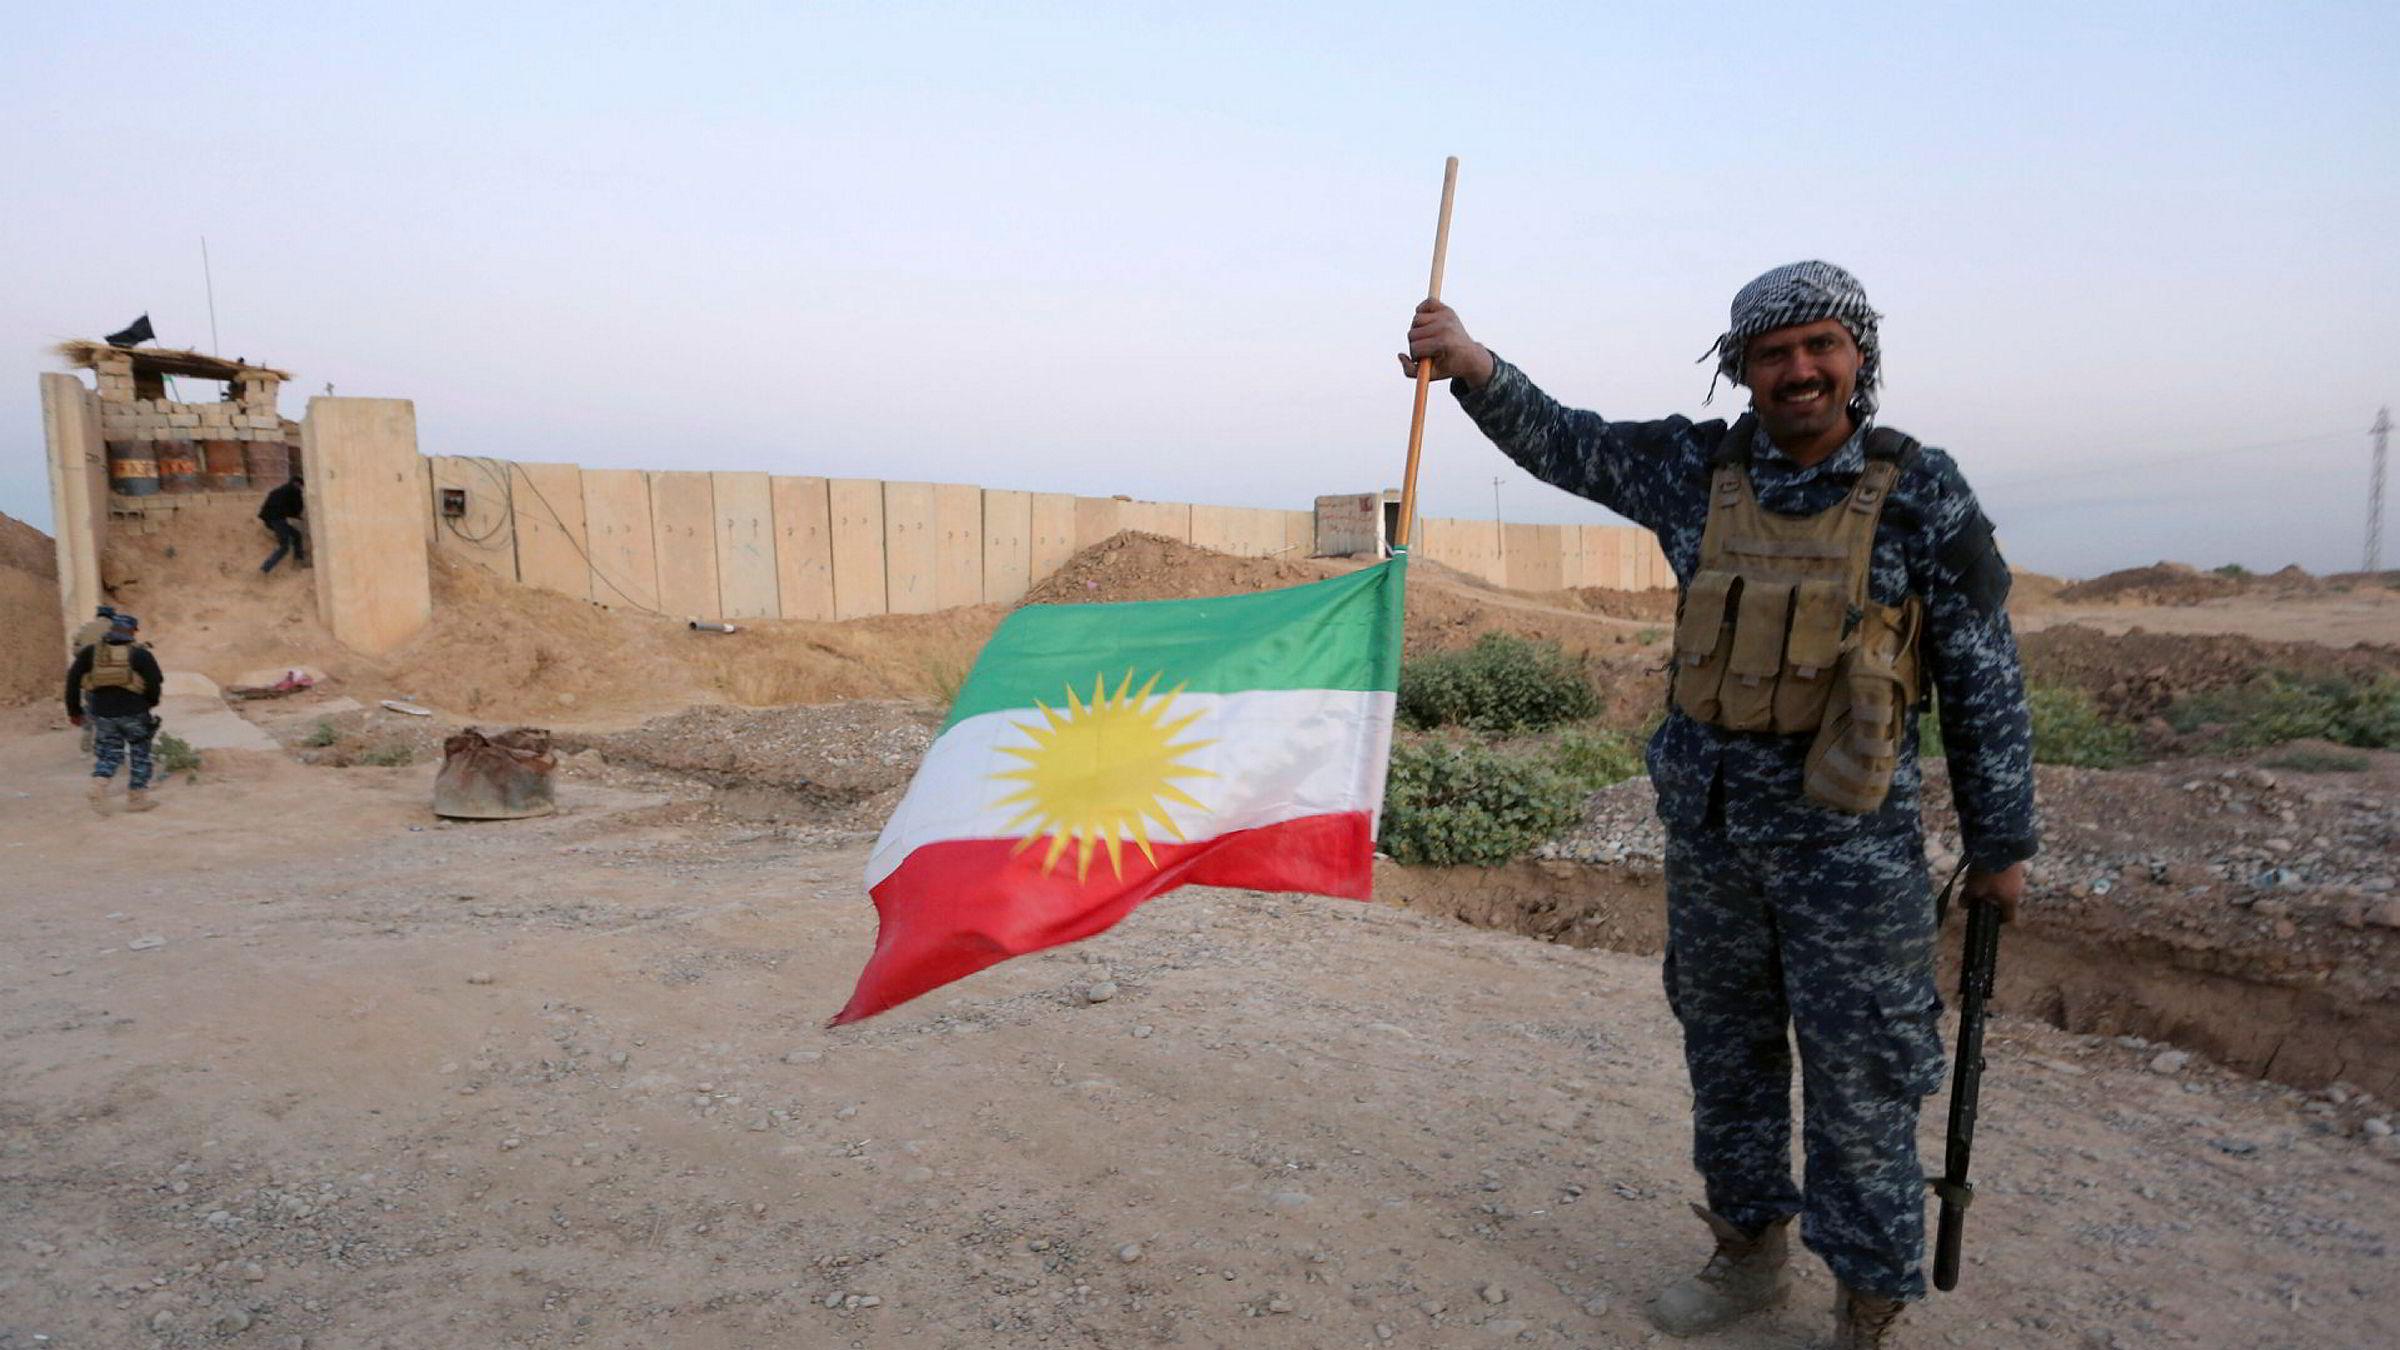 En irakisk soldat fjerner det kurdiske flagget fra oljebyen Kirkuk.